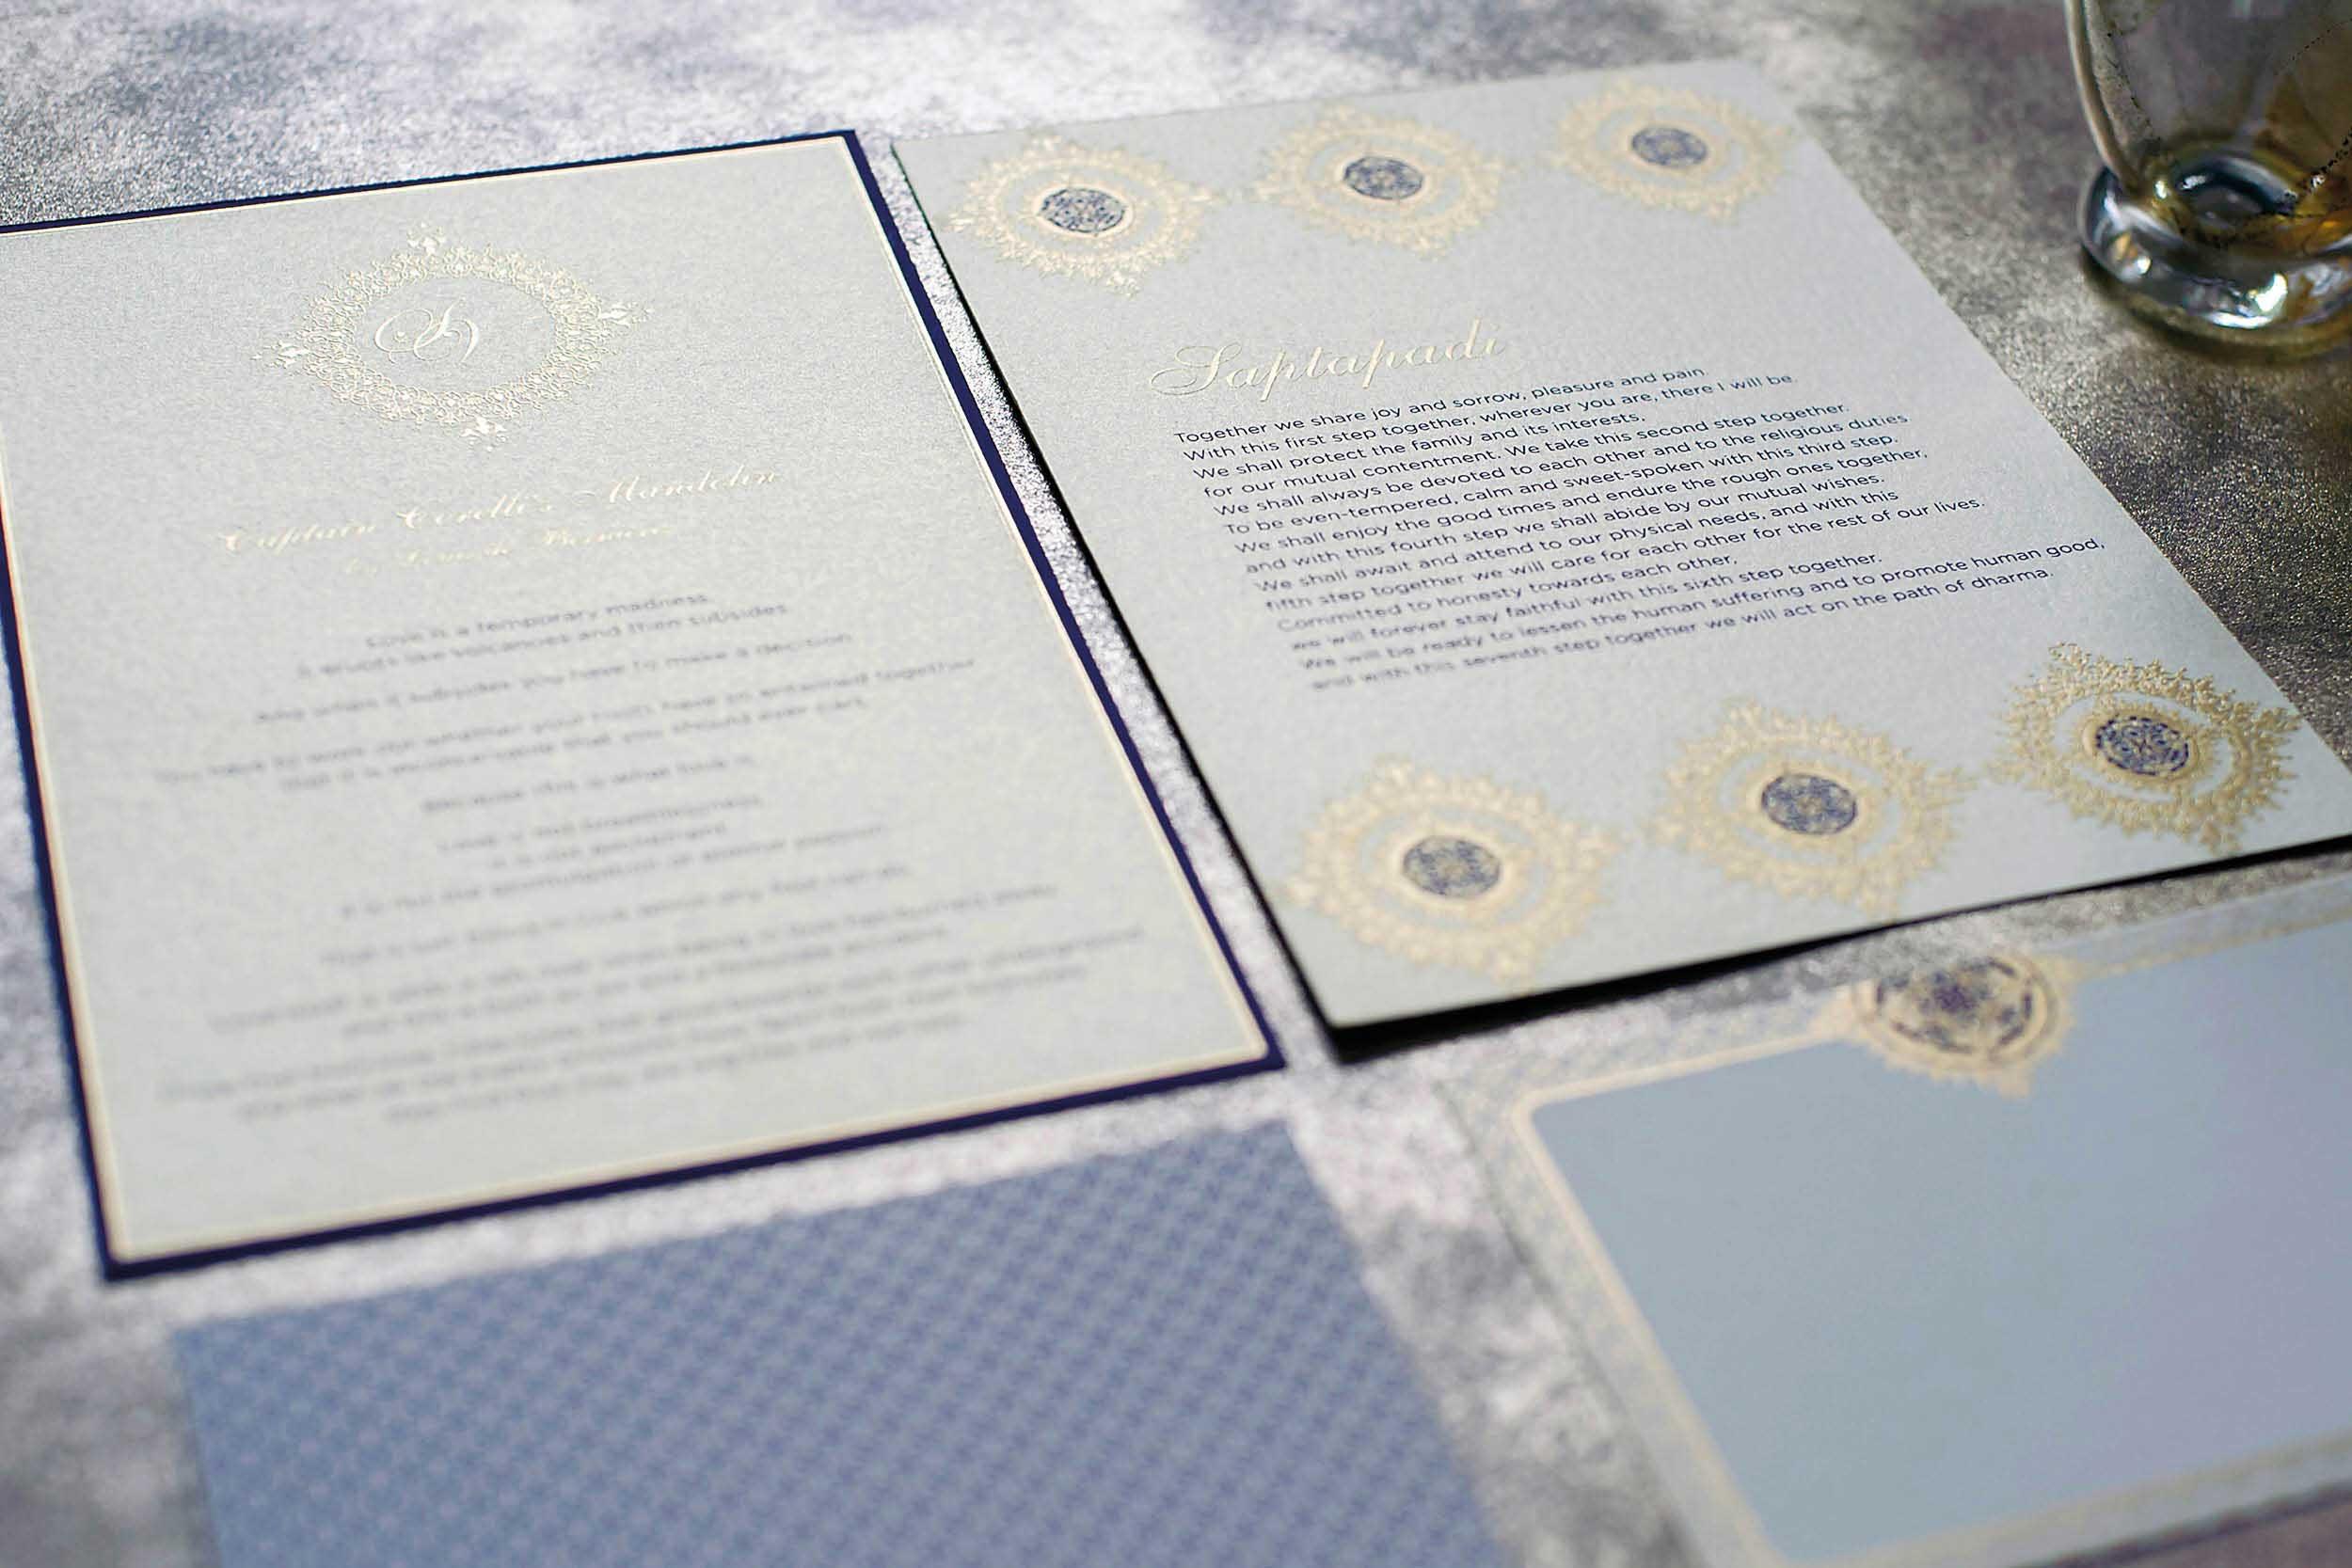 bespoke_wedding_stationery_mandala_ananyacards.com-03.jpg